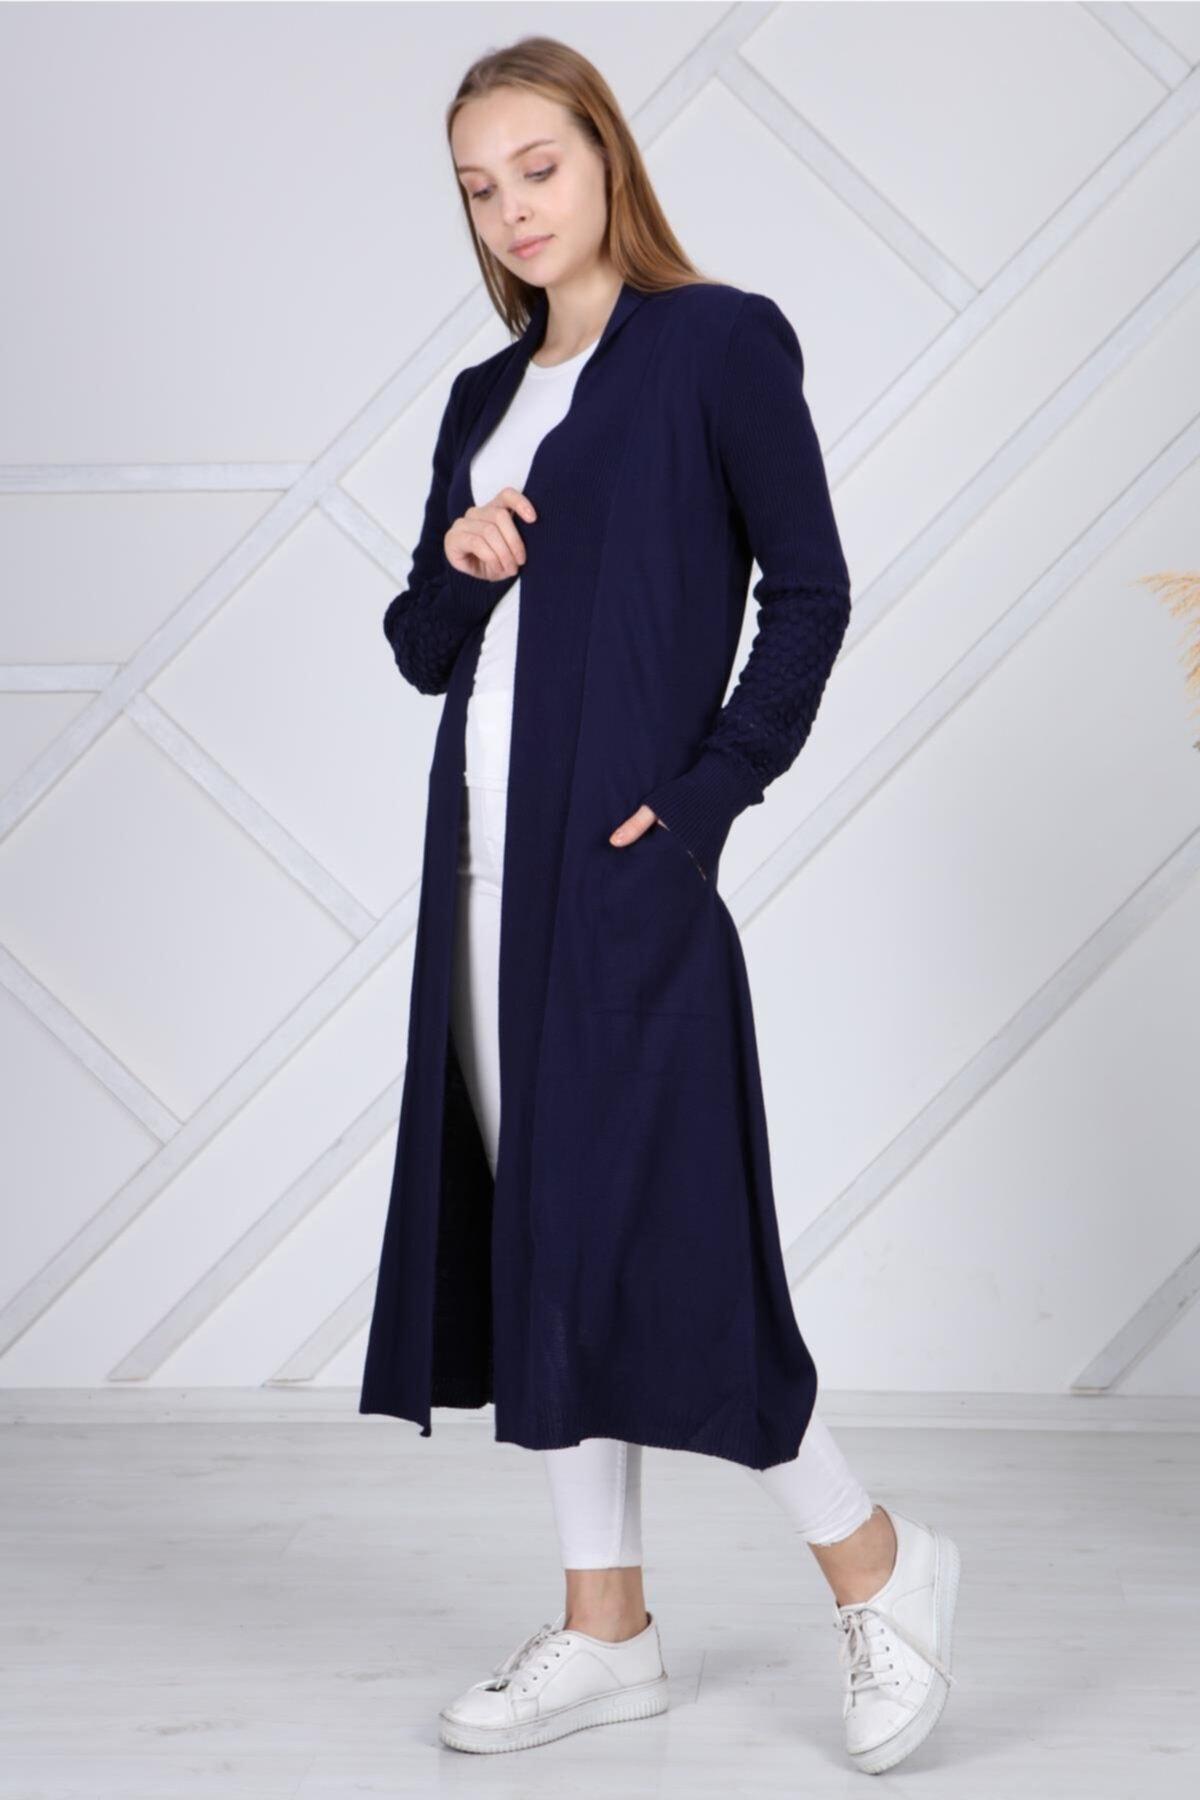 şeymaebrar Kadın Lacivert Kol Detaylı Triko Uzun Hırka 1